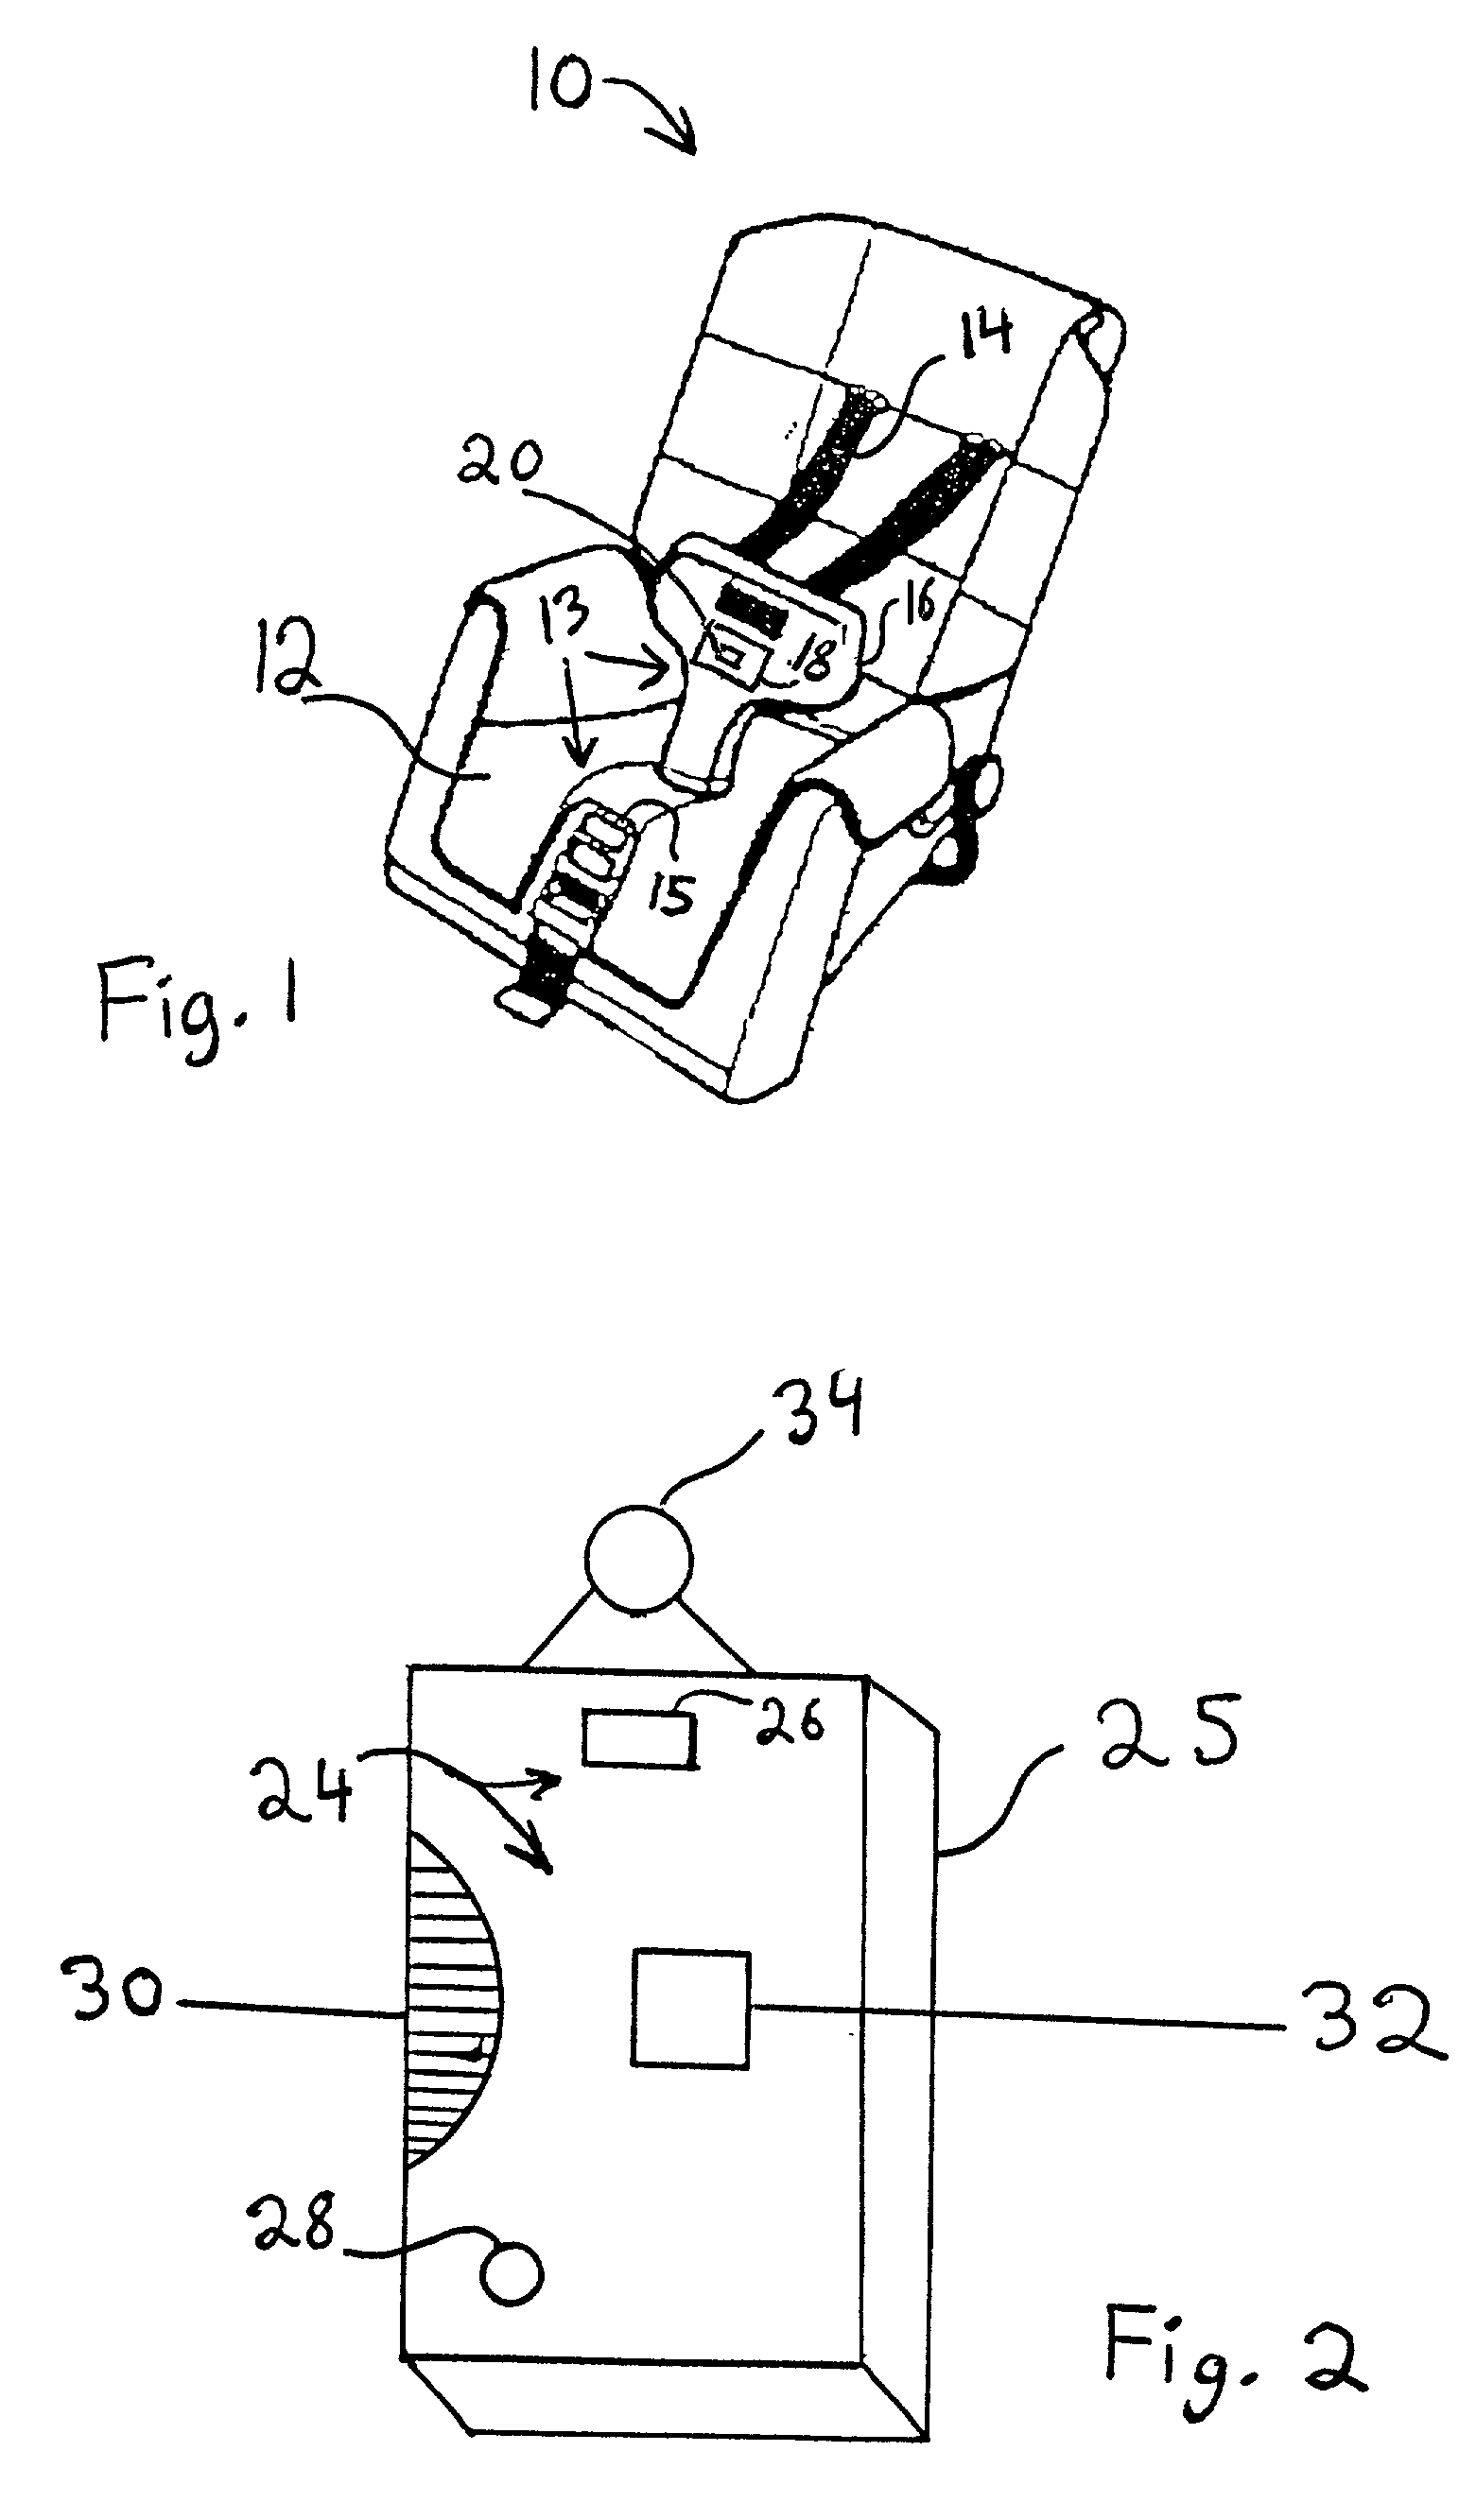 Car Seat Alarm Patent